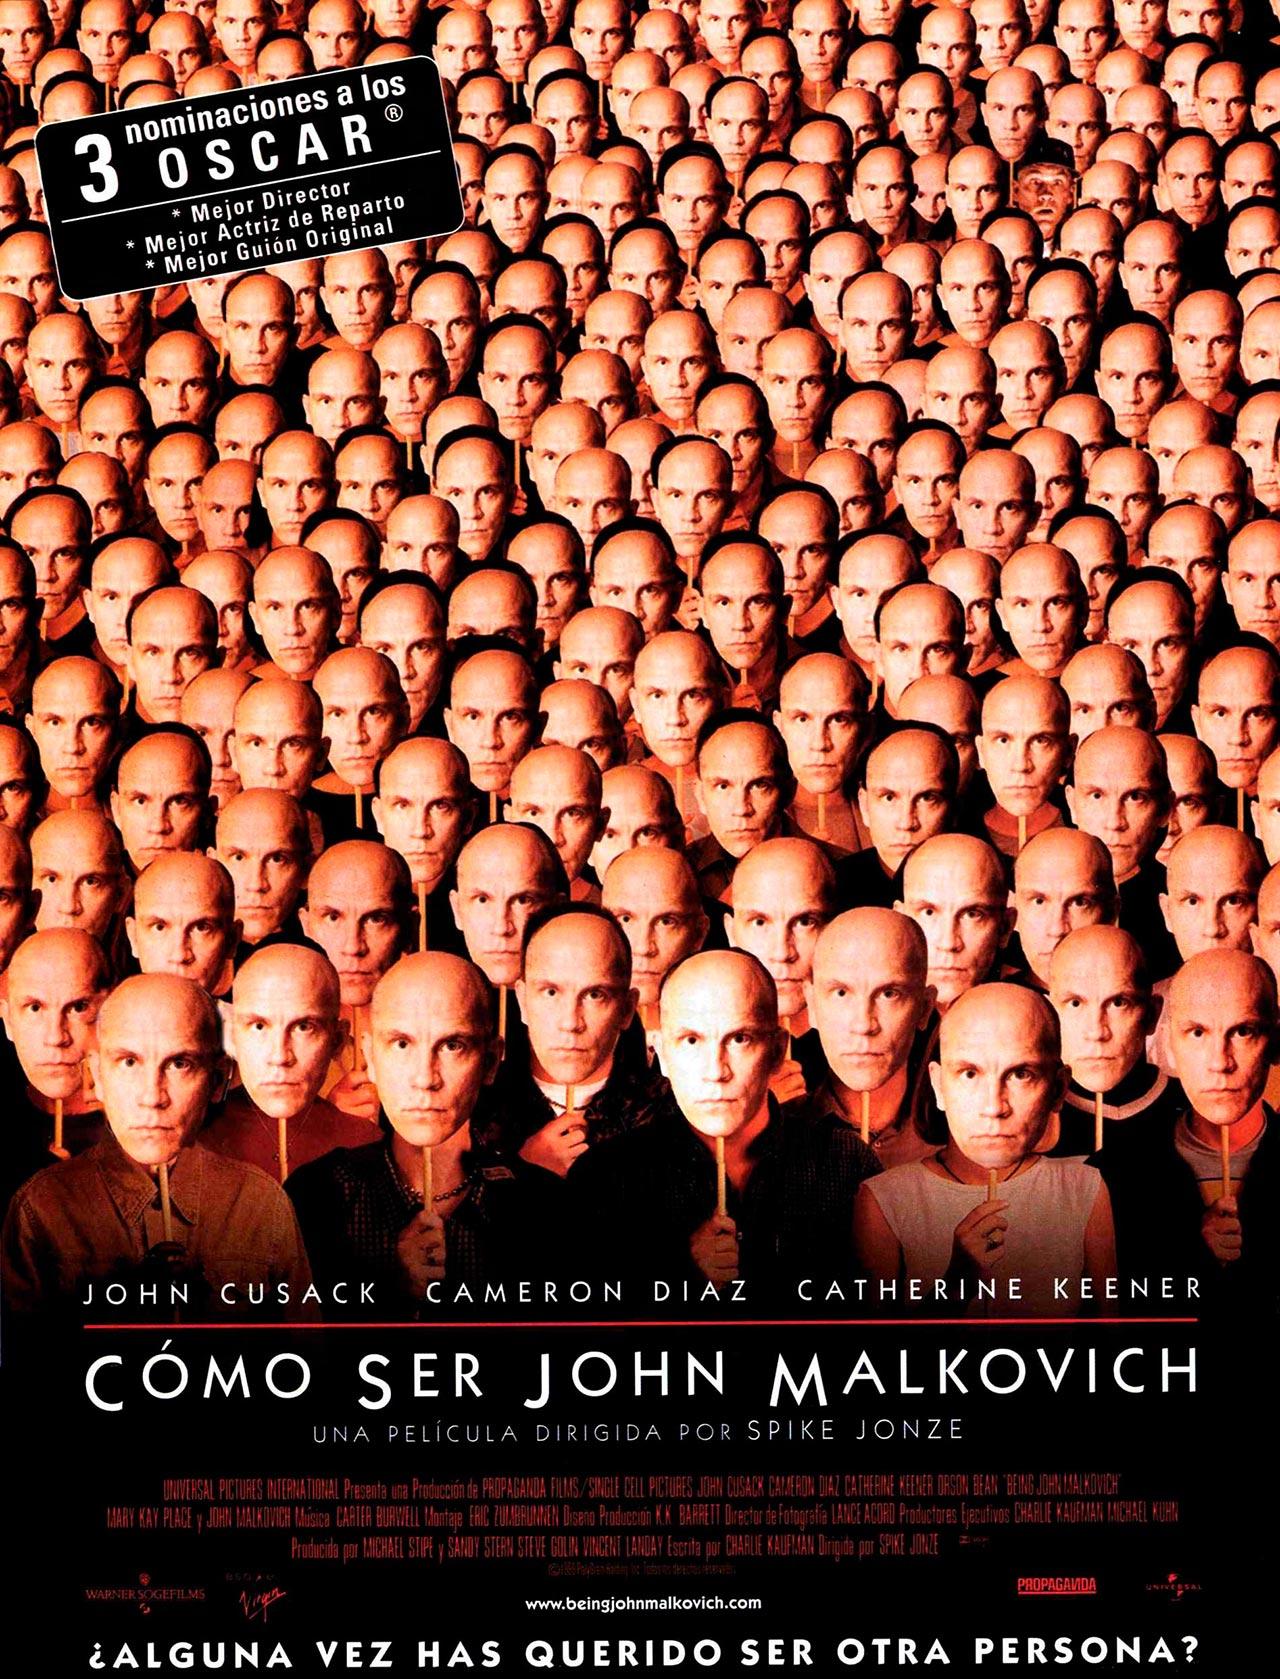 cómo ser john malkovich being john malkovich